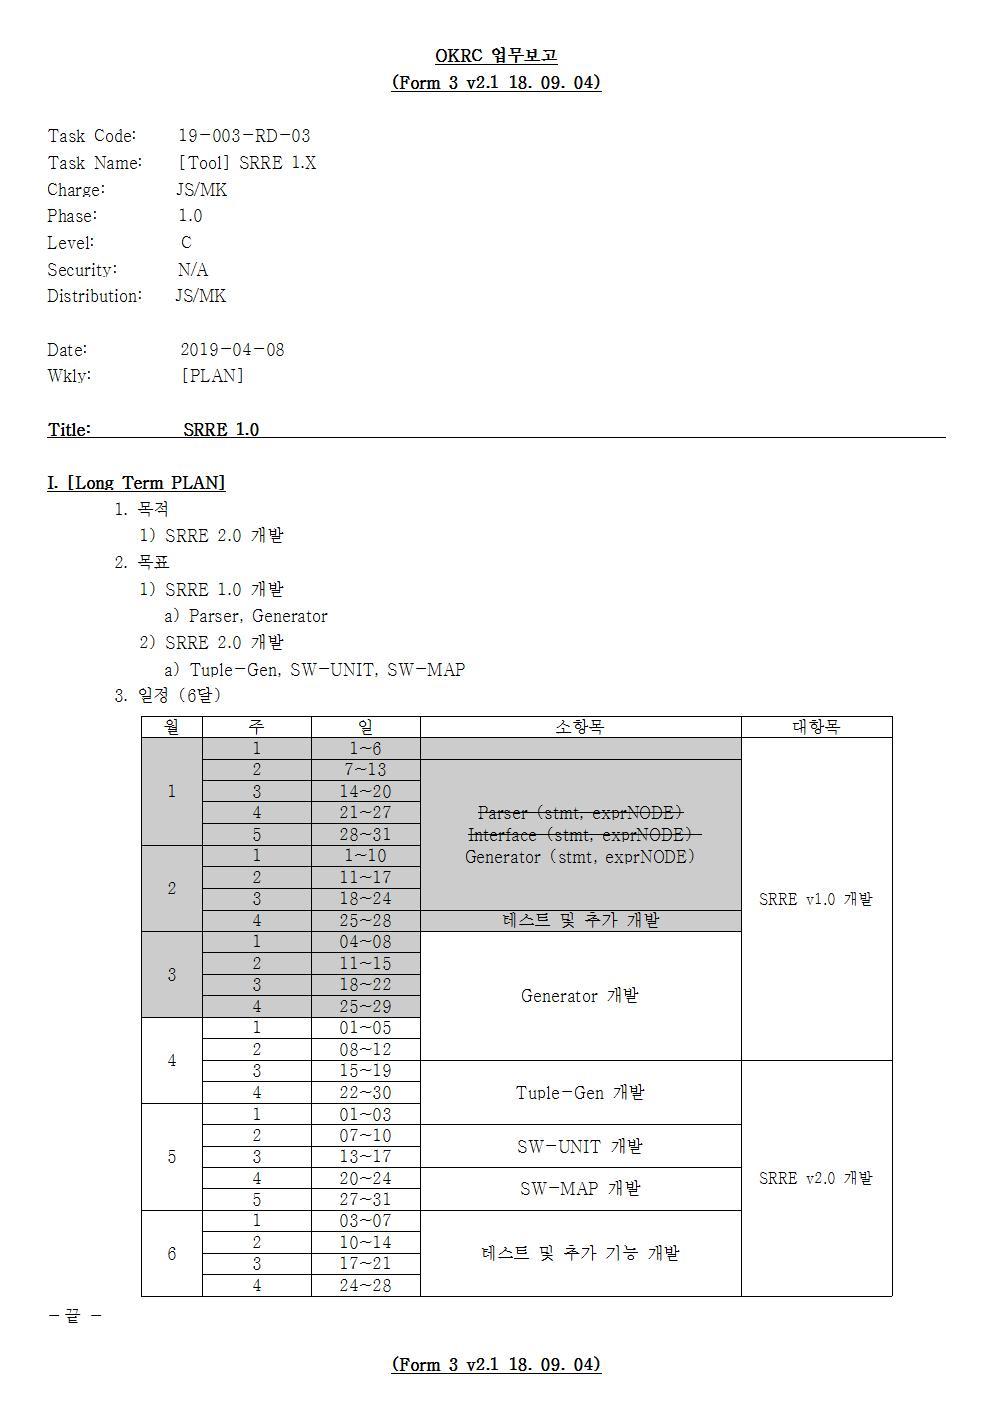 D-[19-003-RD-03]-[Tool-SRRE-1.X]-[2019-04-08][JS]001.jpg